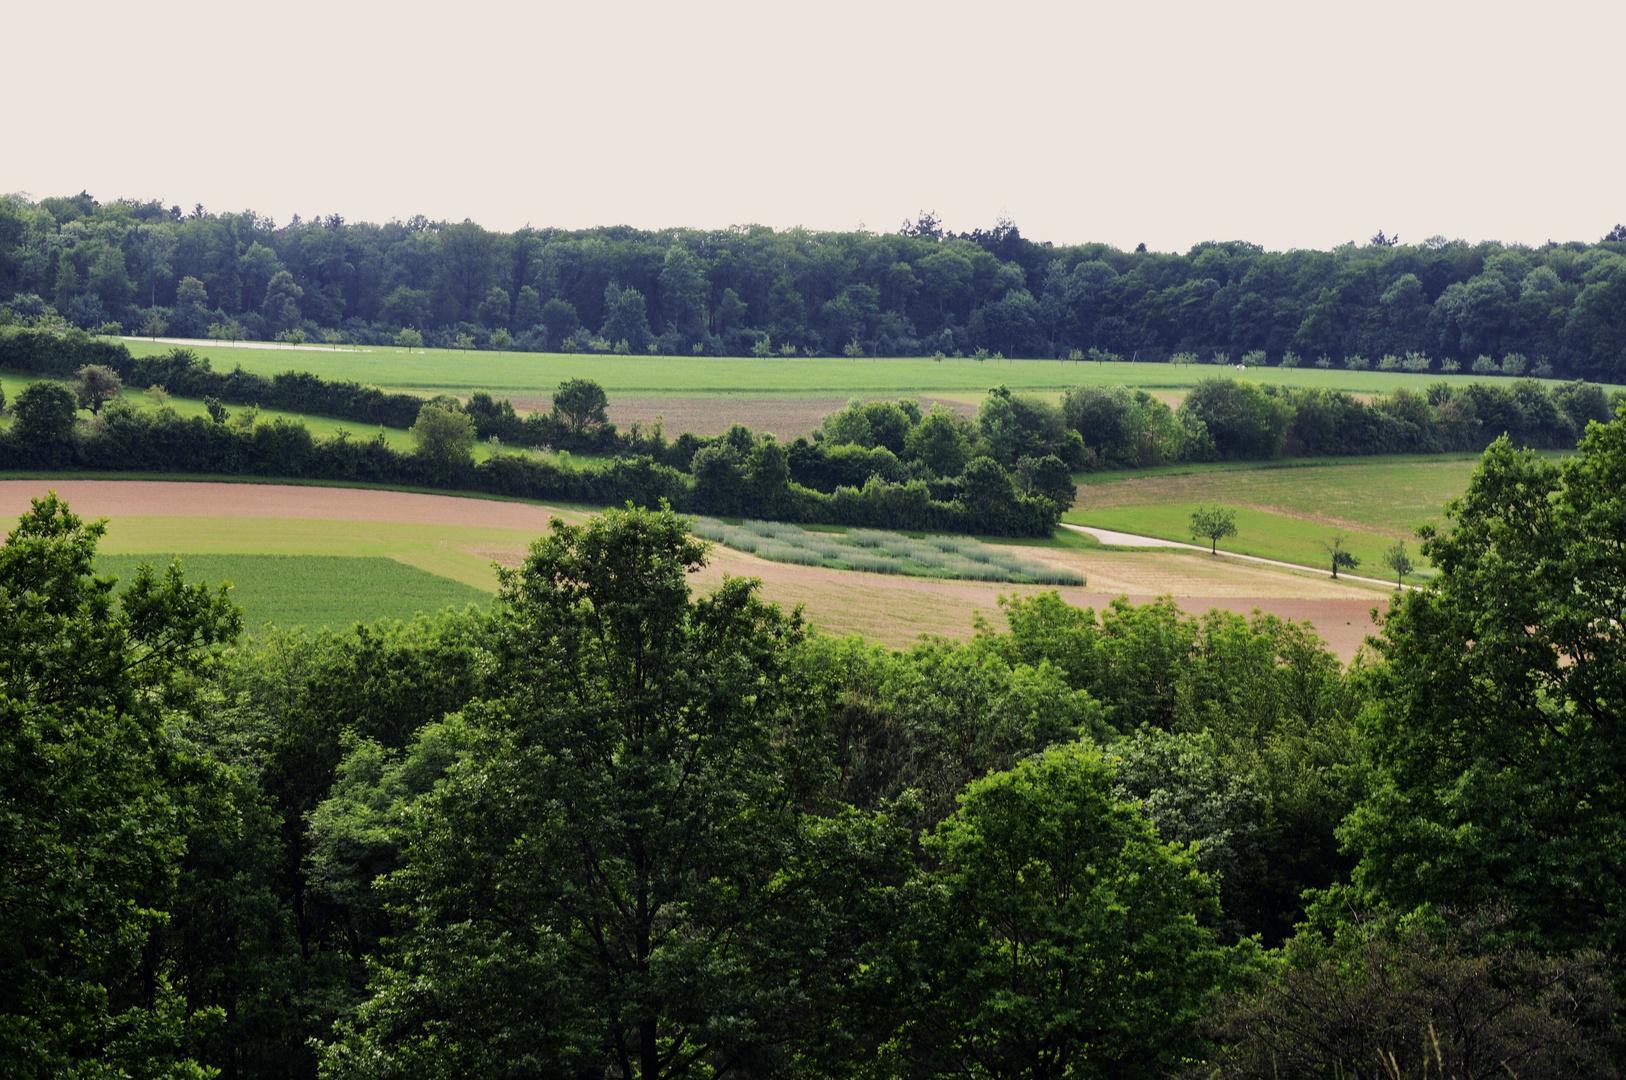 ein Blick auf die Felder in der Ferne